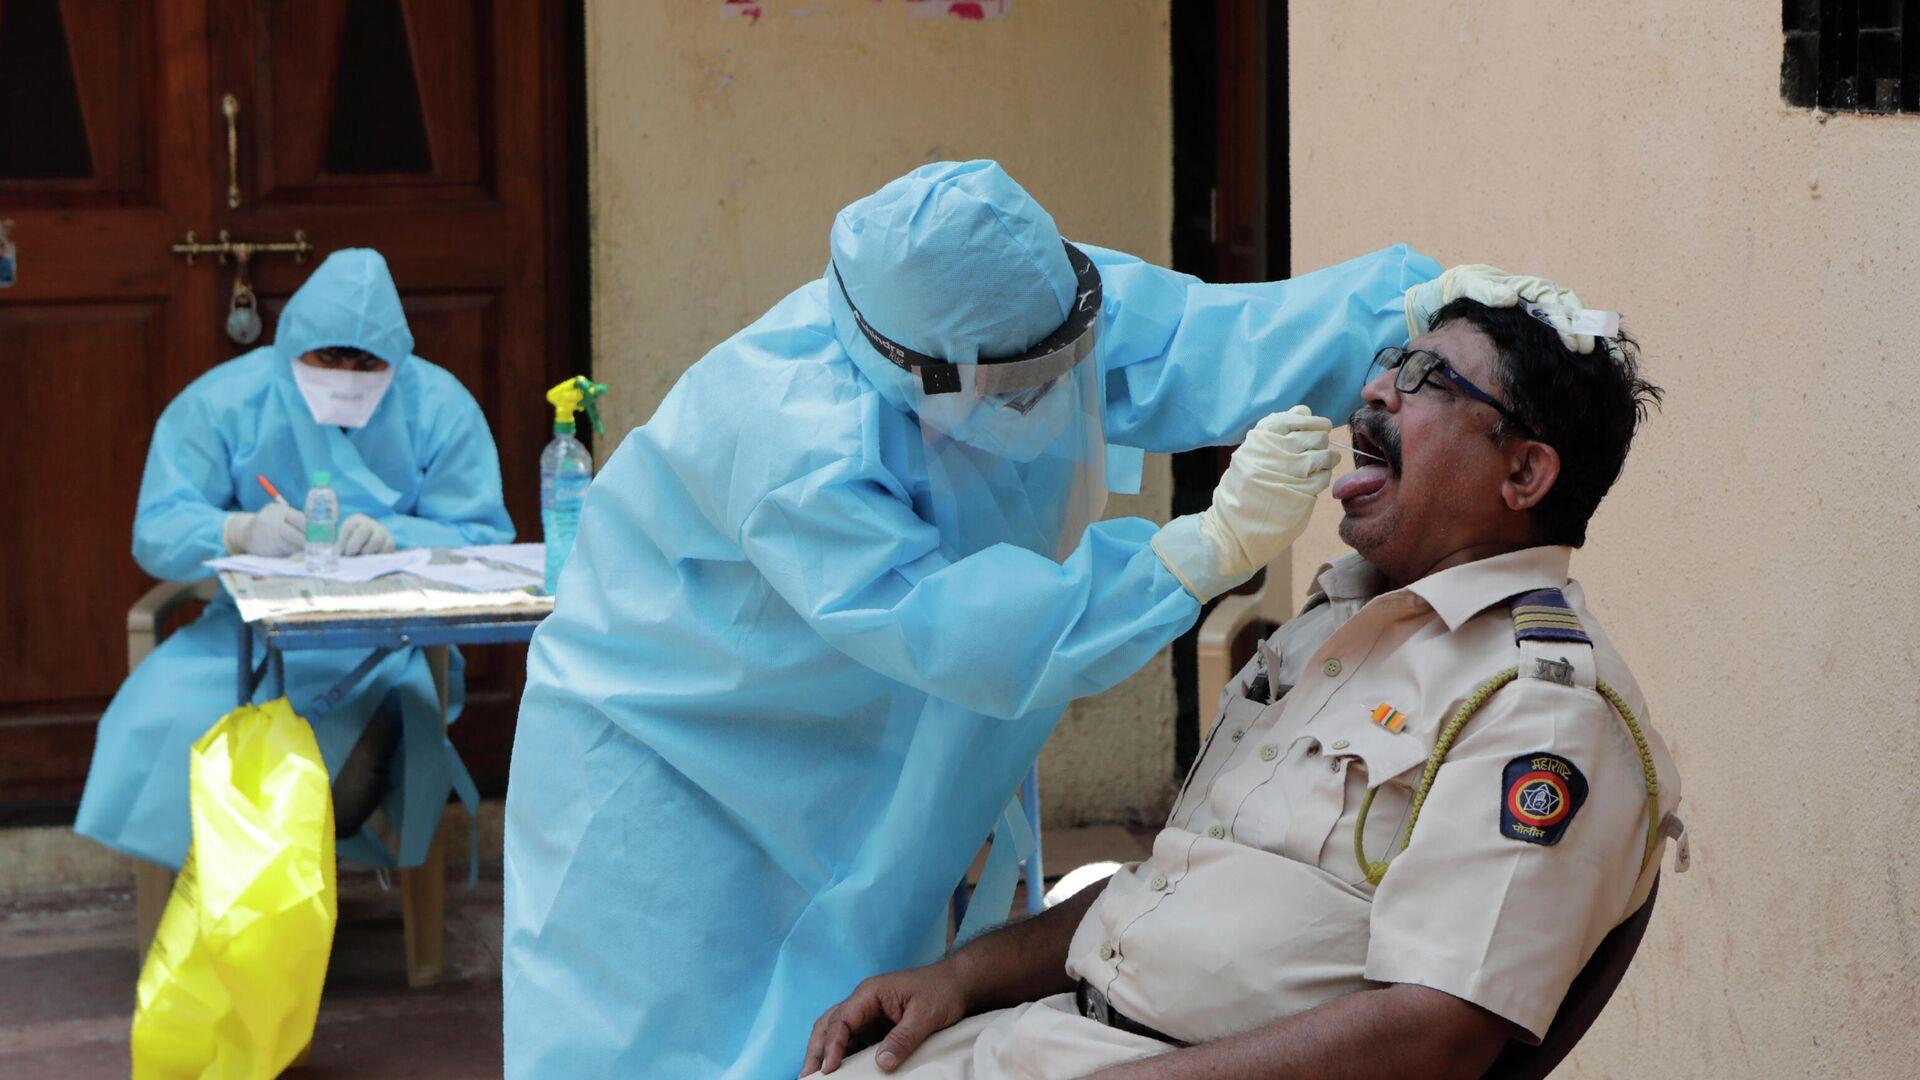 Врач берет мазок на коронавирус в бесплатном медицинском центре в трущобах Дхарави в Мумбаи, Индия - РИА Новости, 1920, 13.09.2020